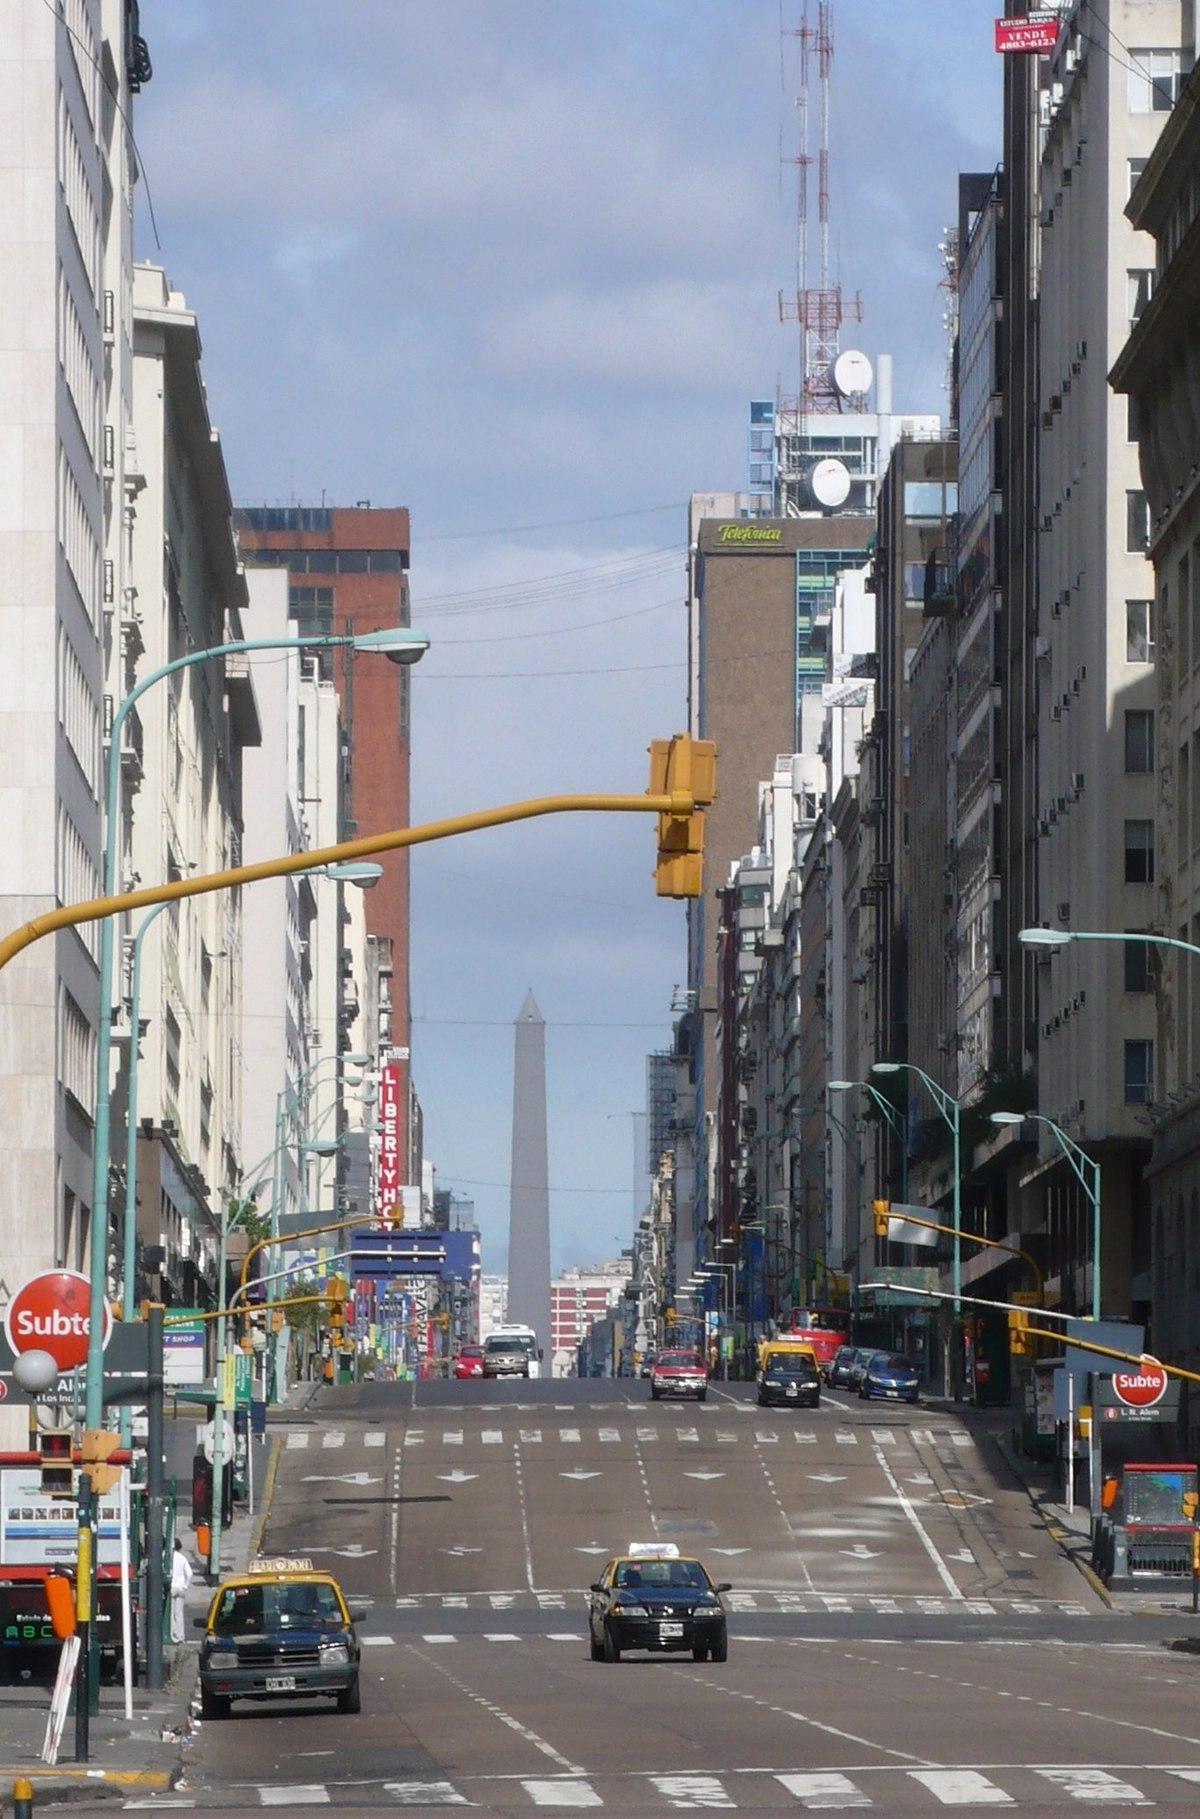 Avenida corrientes wikipedia la enciclopedia libre for Semana del diseno buenos aires